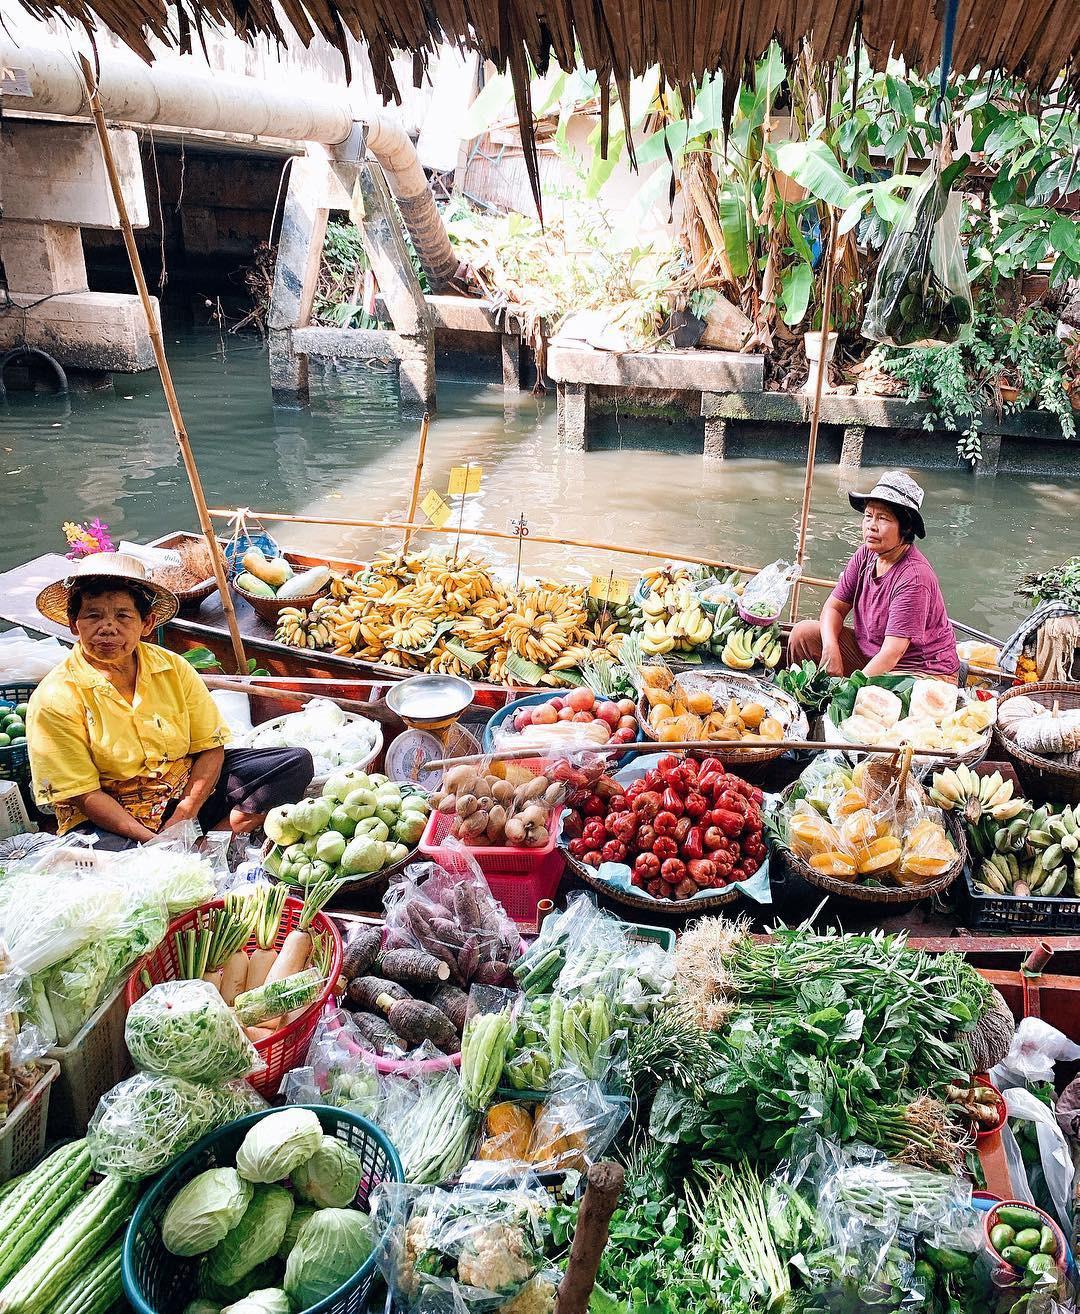 Chơi quên lối về tại những khu chợ nổi nhất định phải ghé ở Bangkok - Ảnh 23.